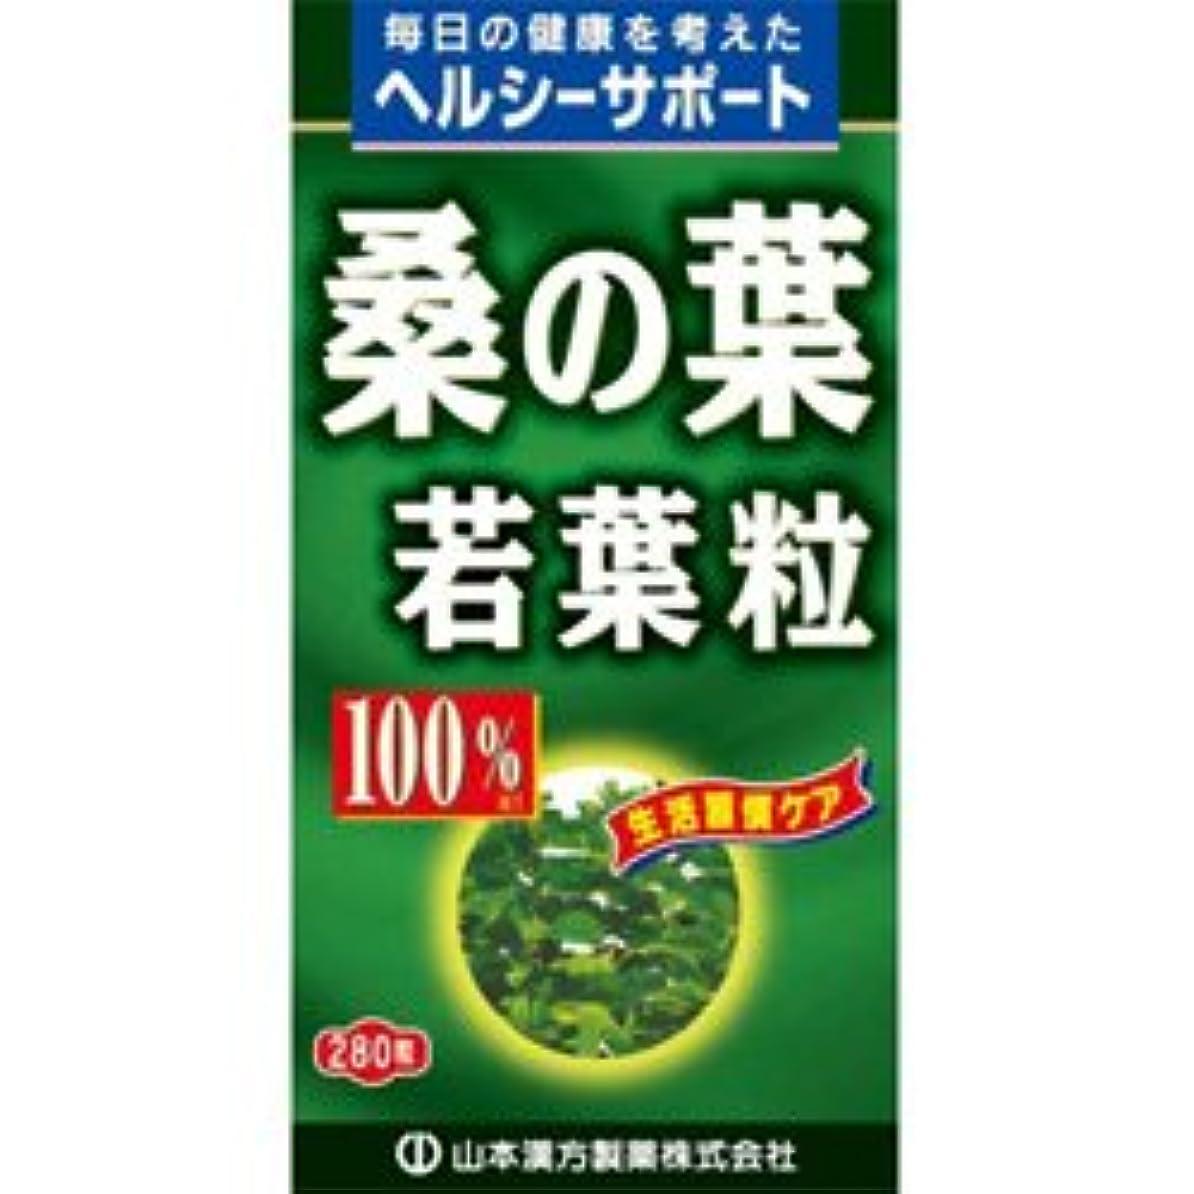 マッサージ好きであるさらに【山本漢方製薬】桑の葉粒 100% 280粒 ×10個セット